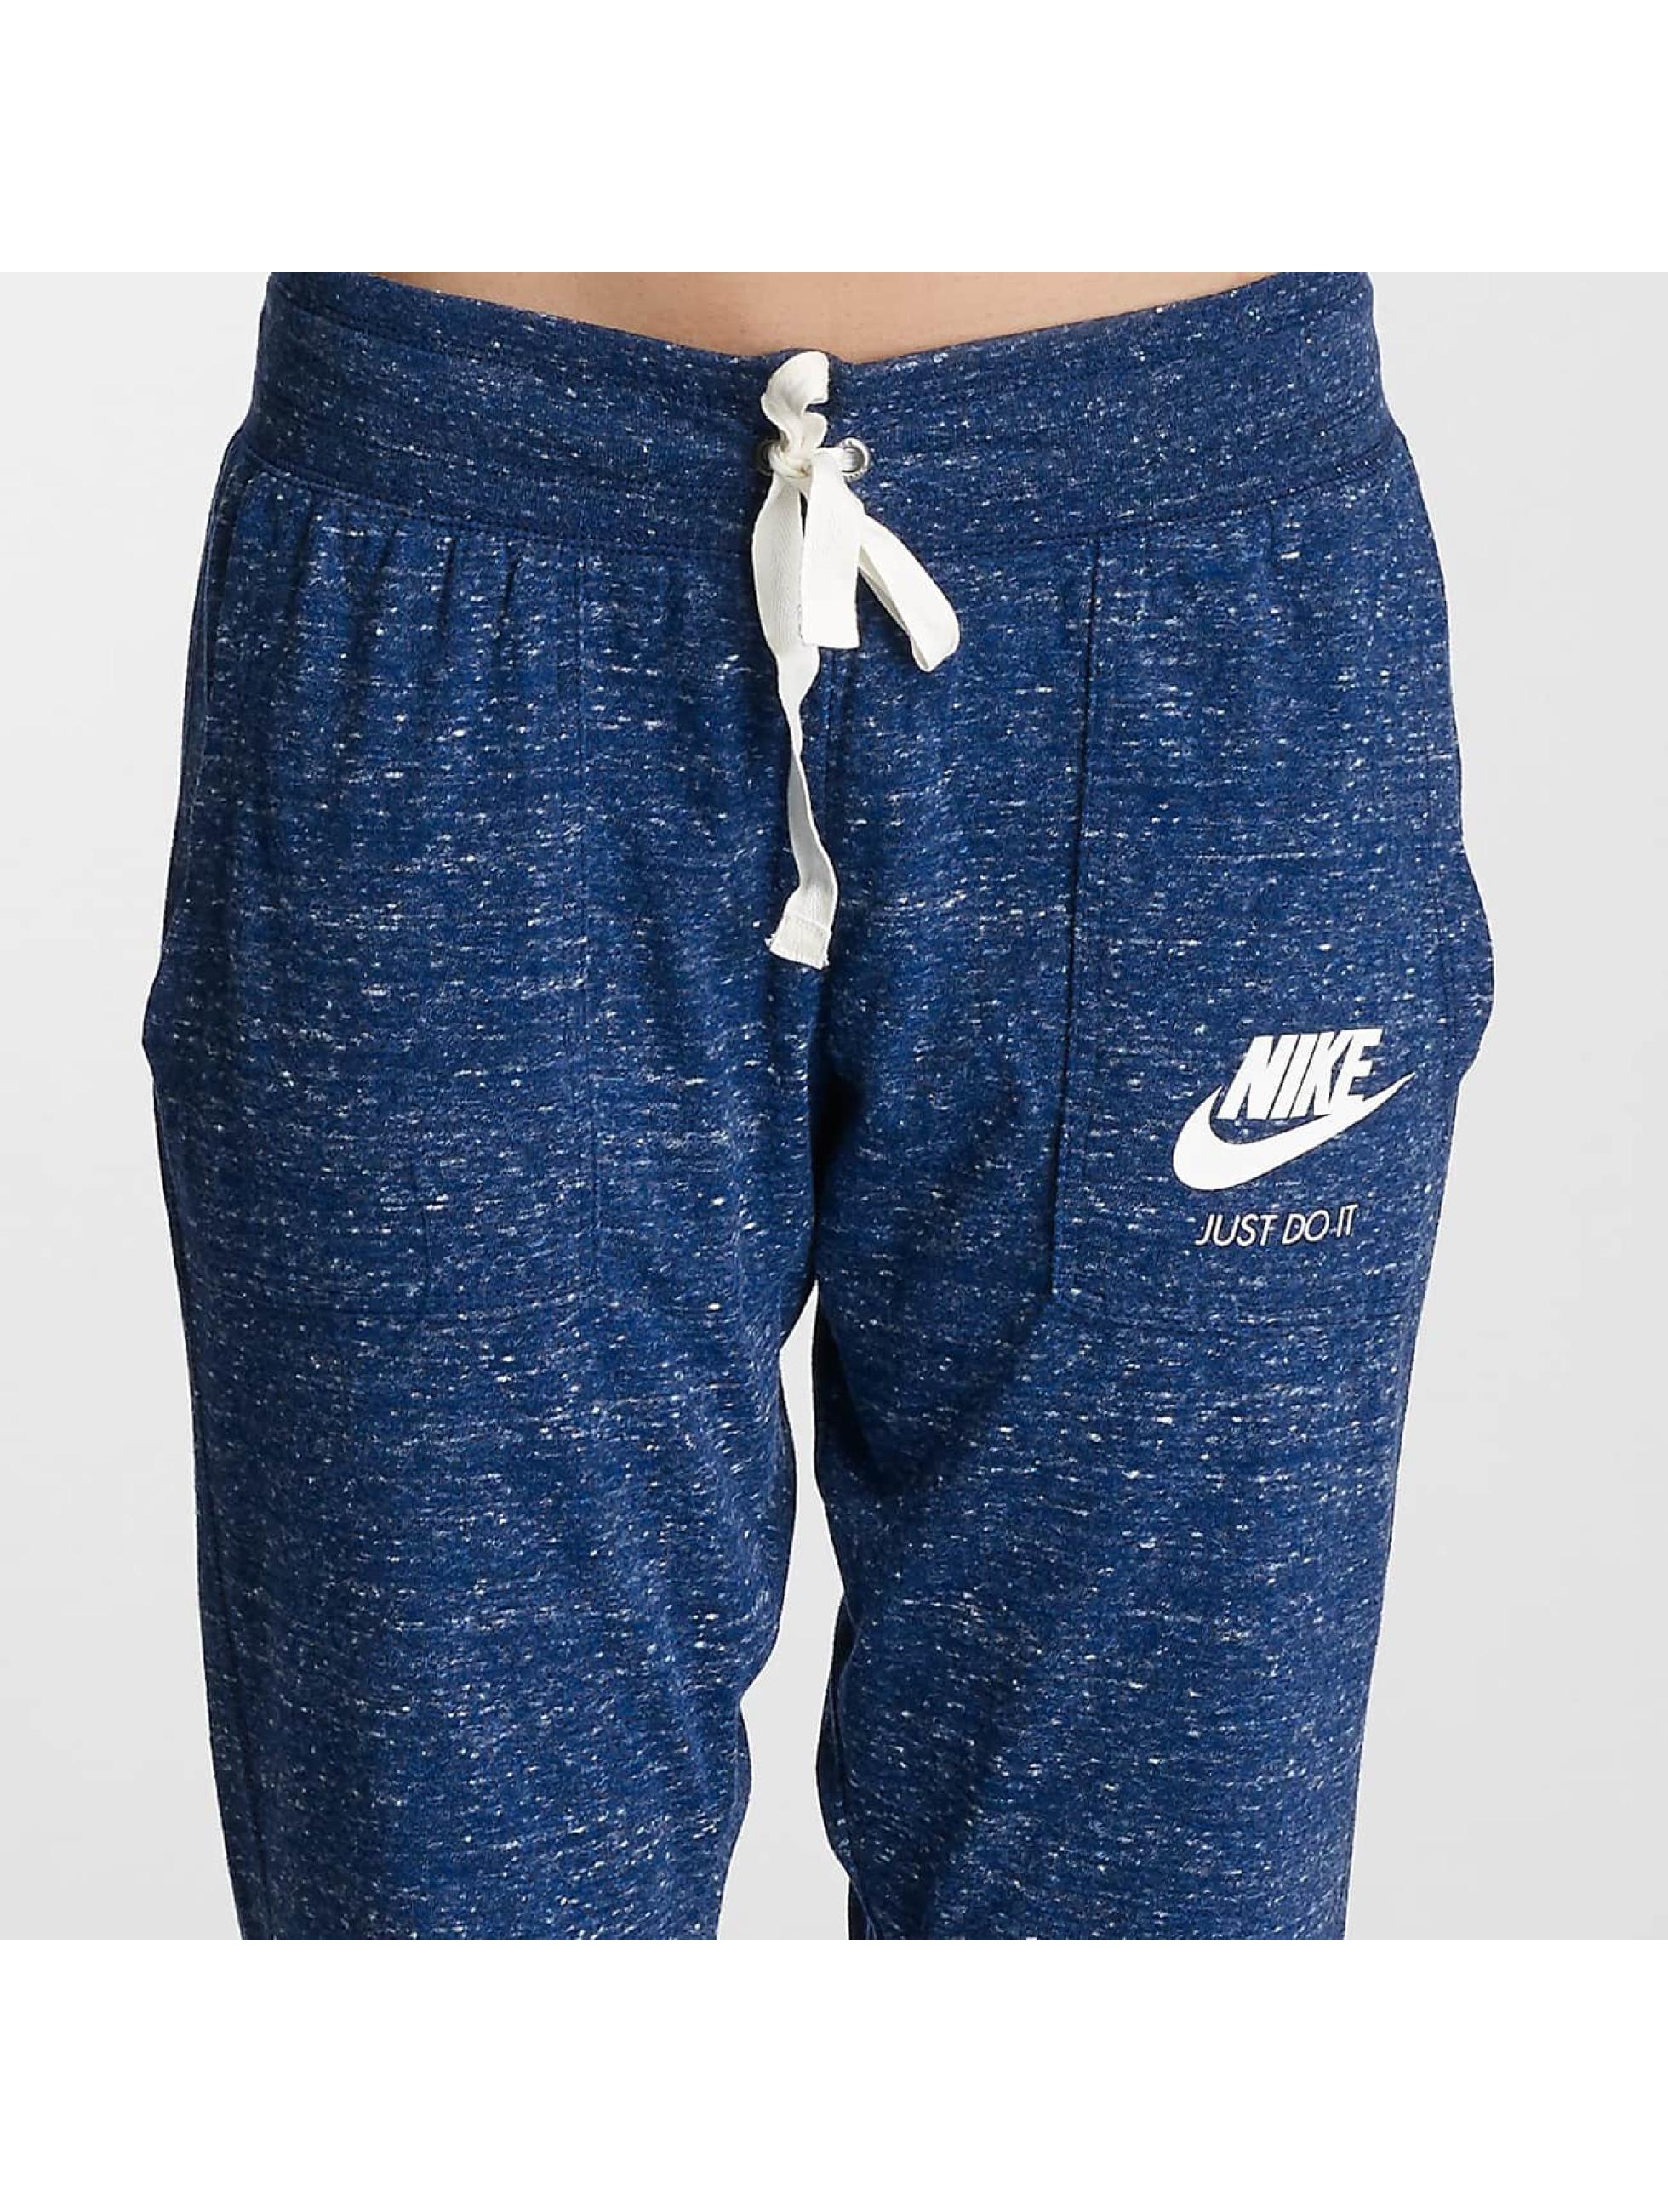 Nike tepláky Gym Vintage modrá